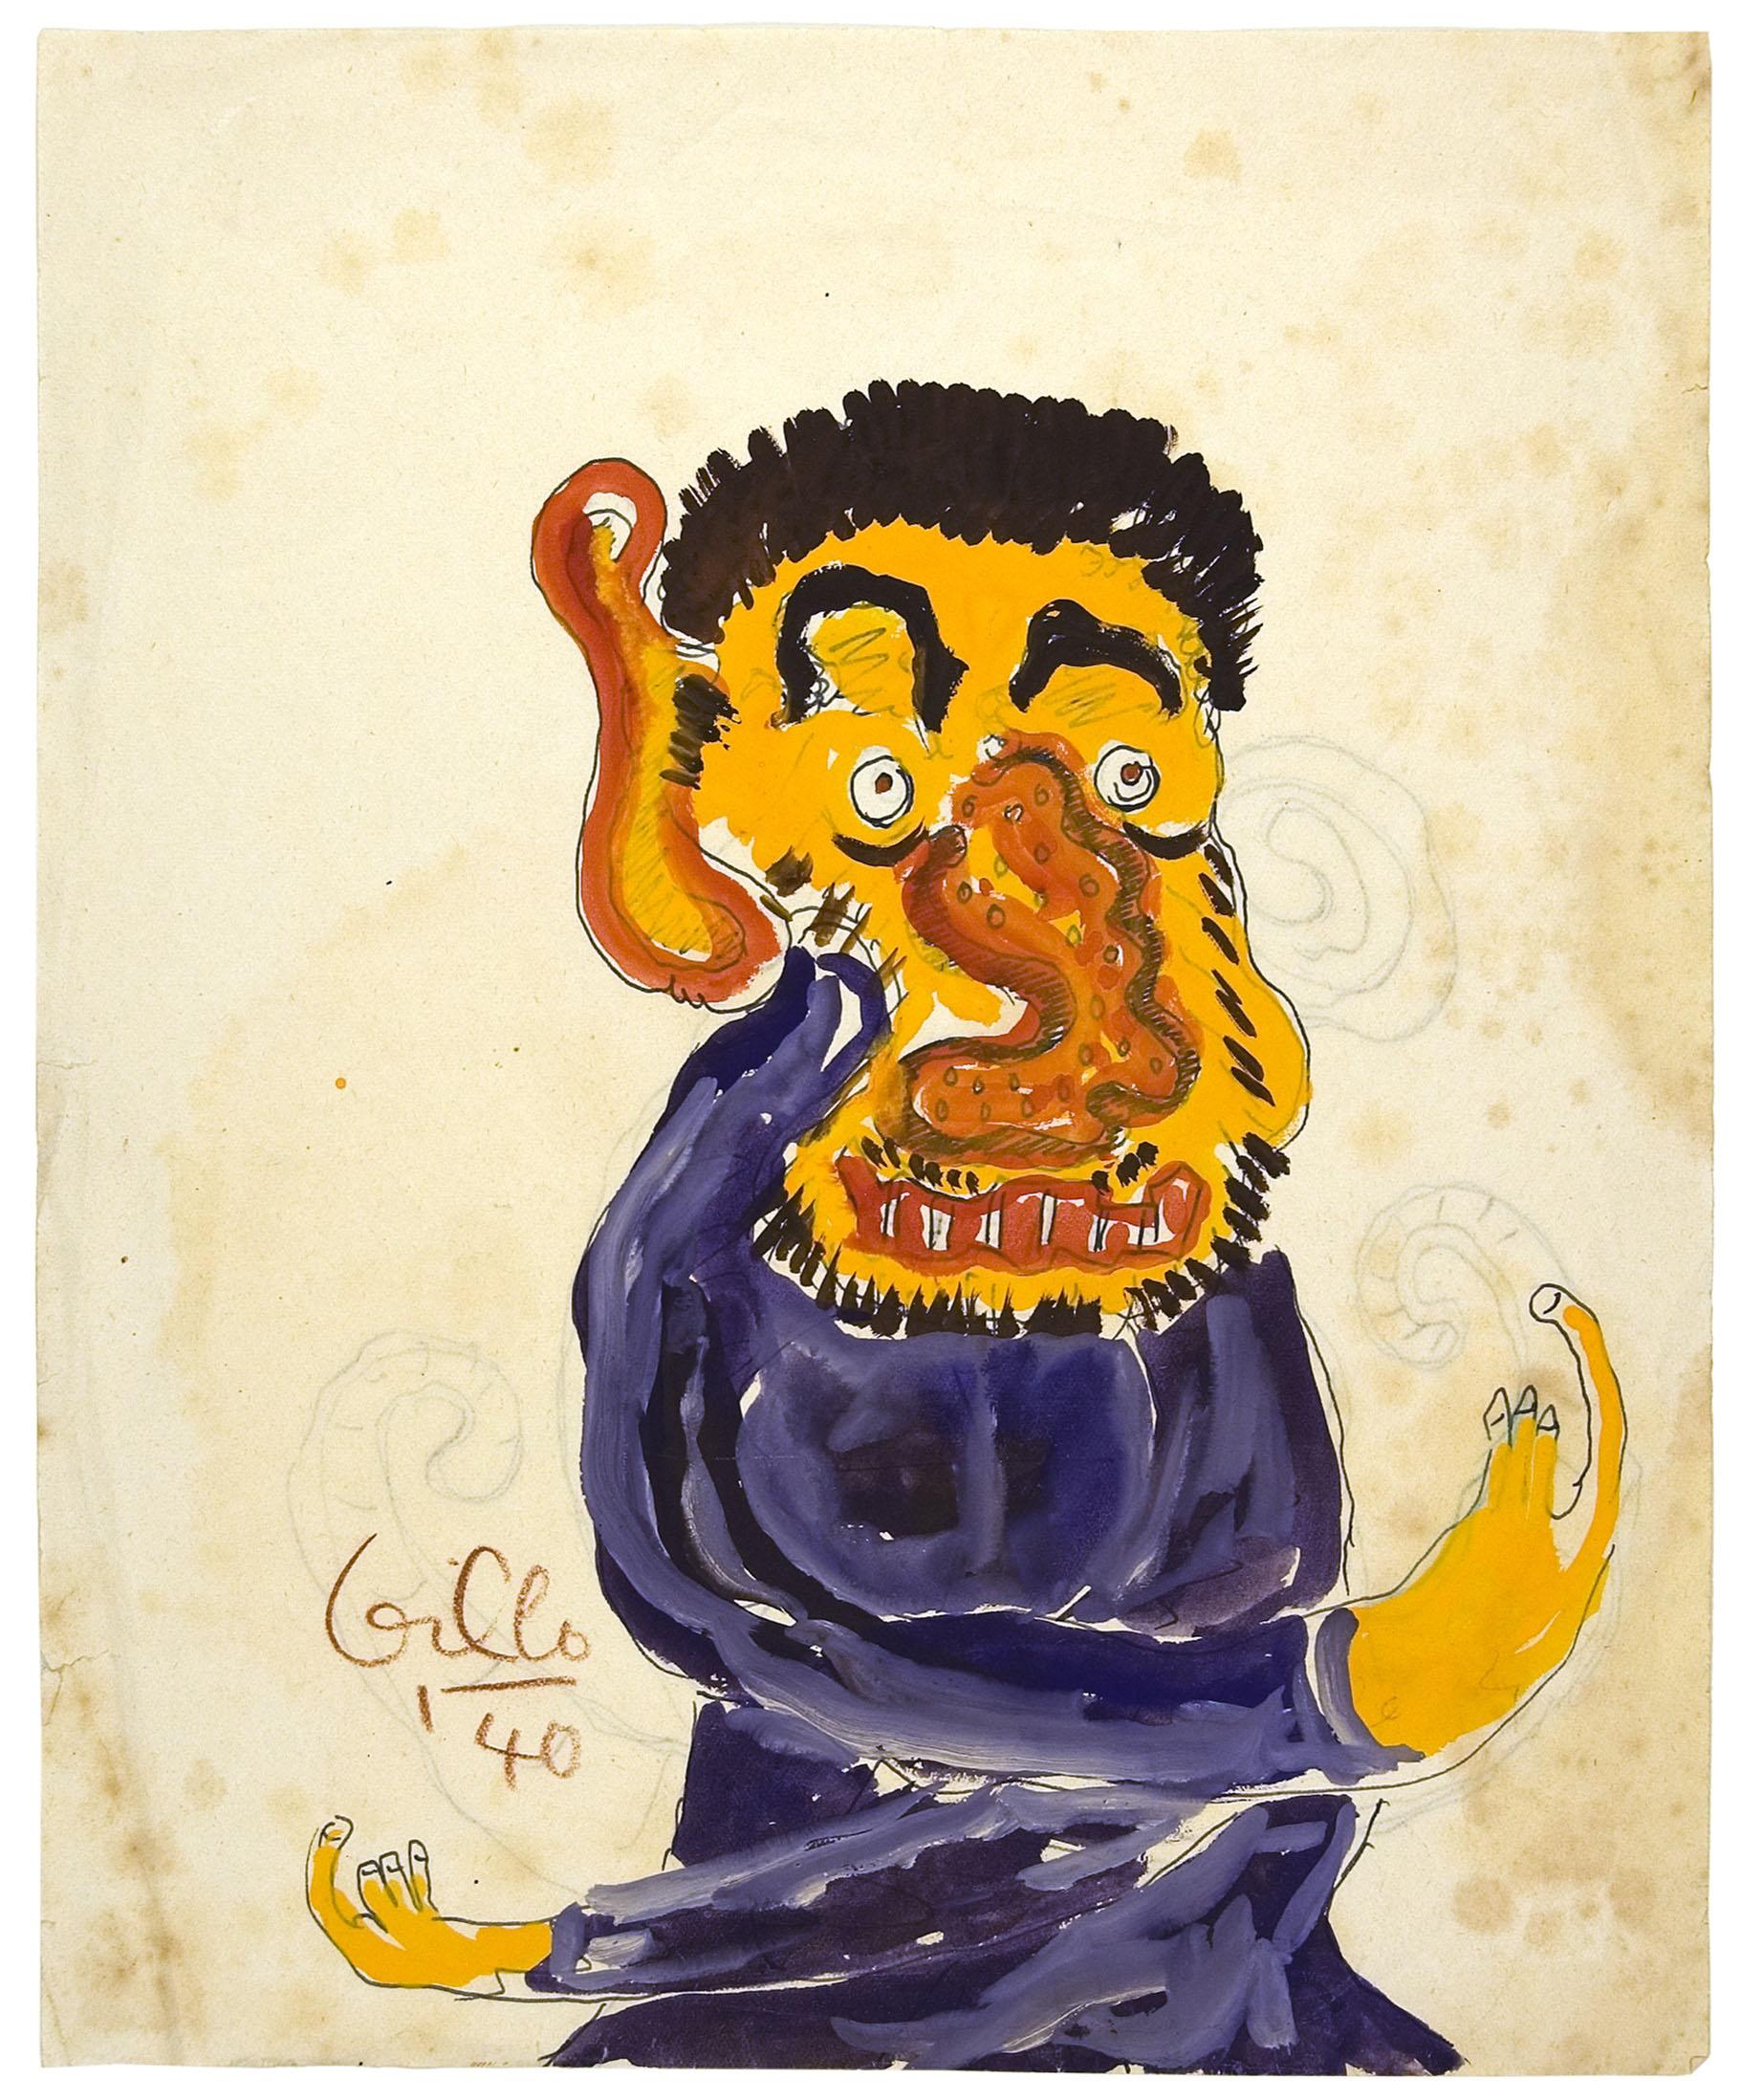 Gillo Dorfles, Matto, 1940, Tempera und Tusche auf Papier, 27,5 x 22 cm Privatsammlung, Mailand